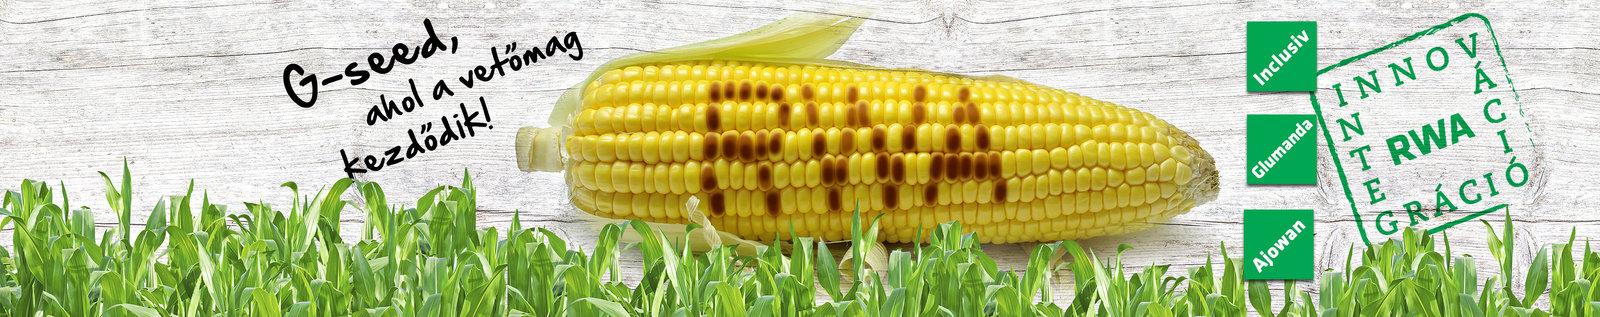 kukorica banner